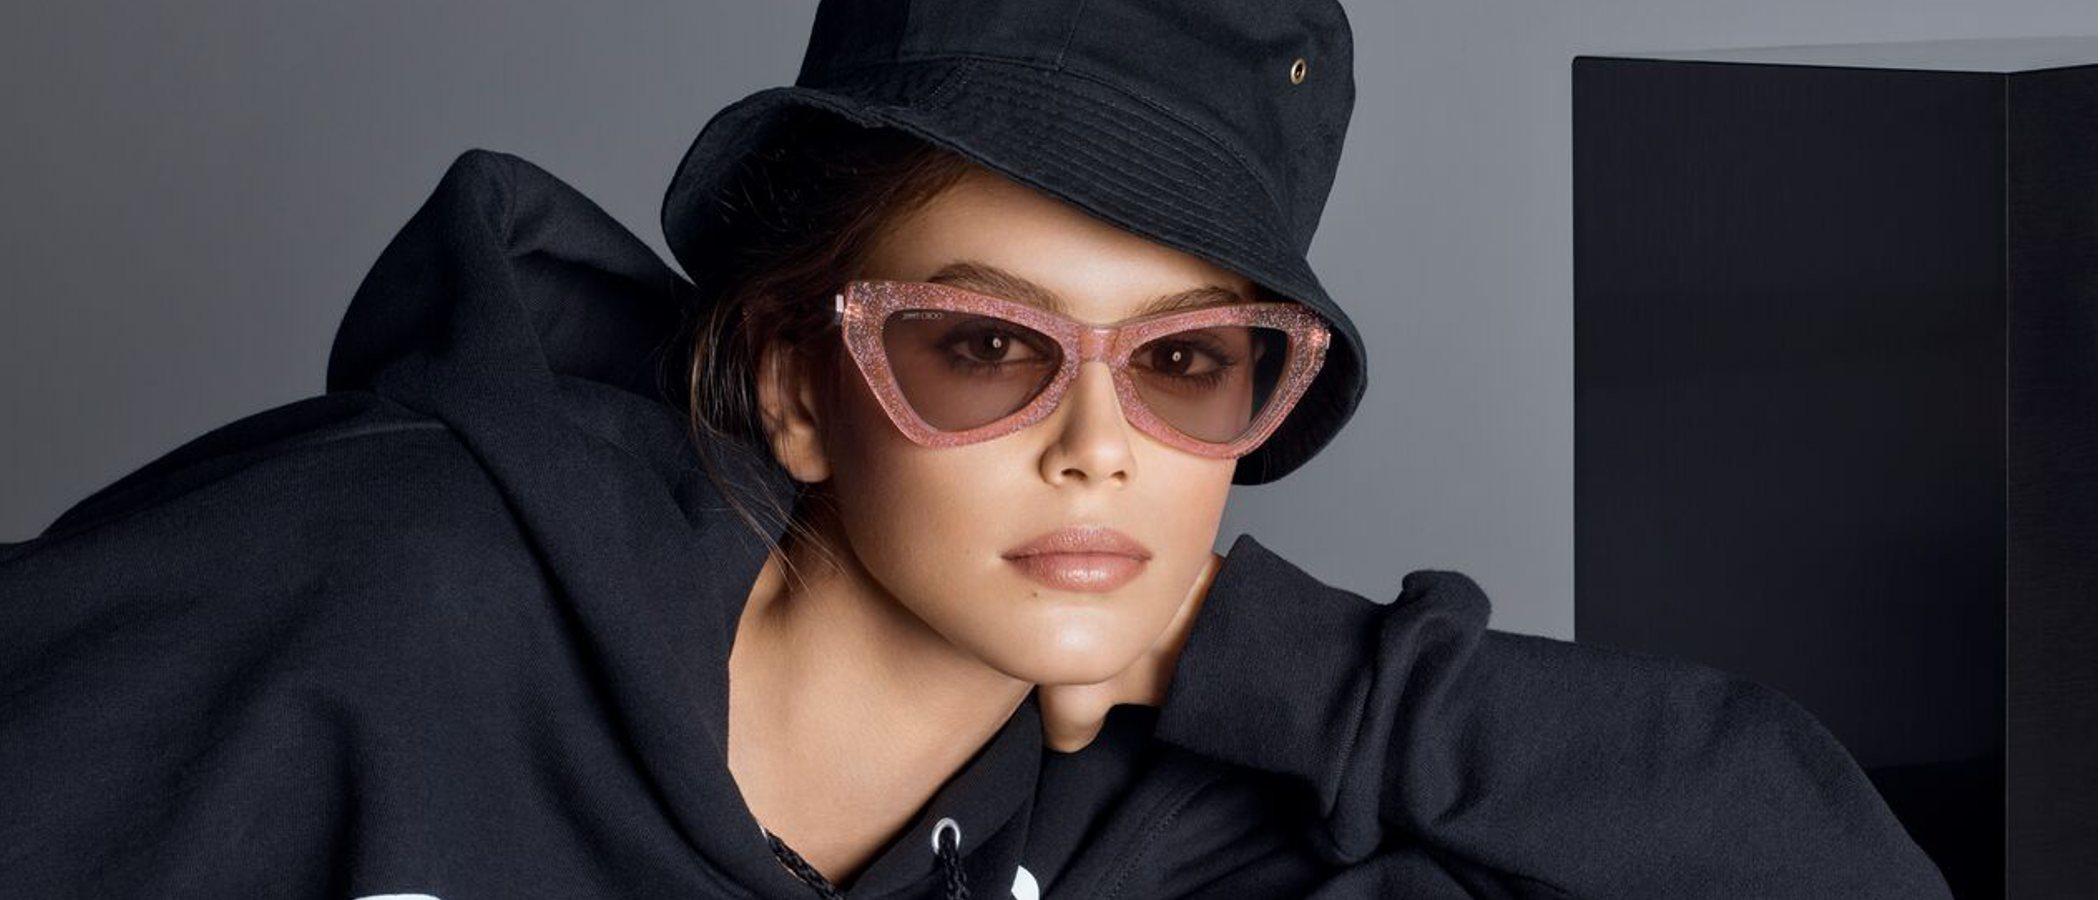 Kaia Gerber protagoniza la campaña primavera/verano 2019 de Jimmy Choo